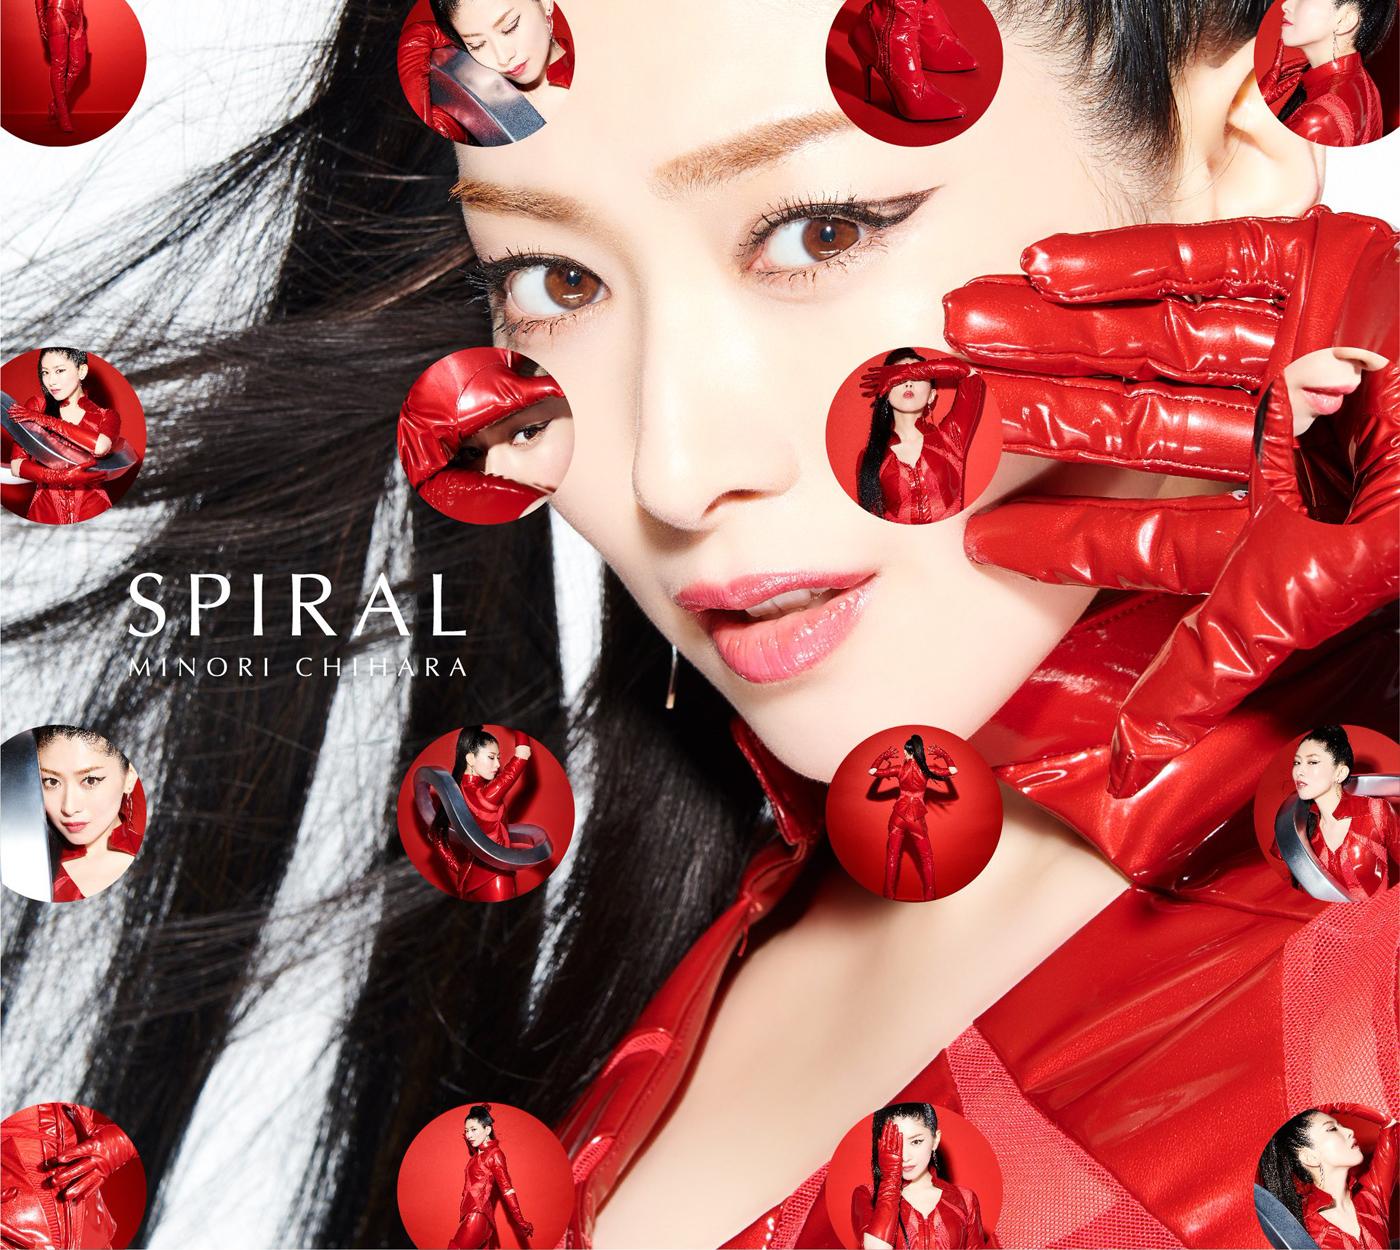 20181002.2006.10 Minori Chihara - Spiral cover 1.jpg